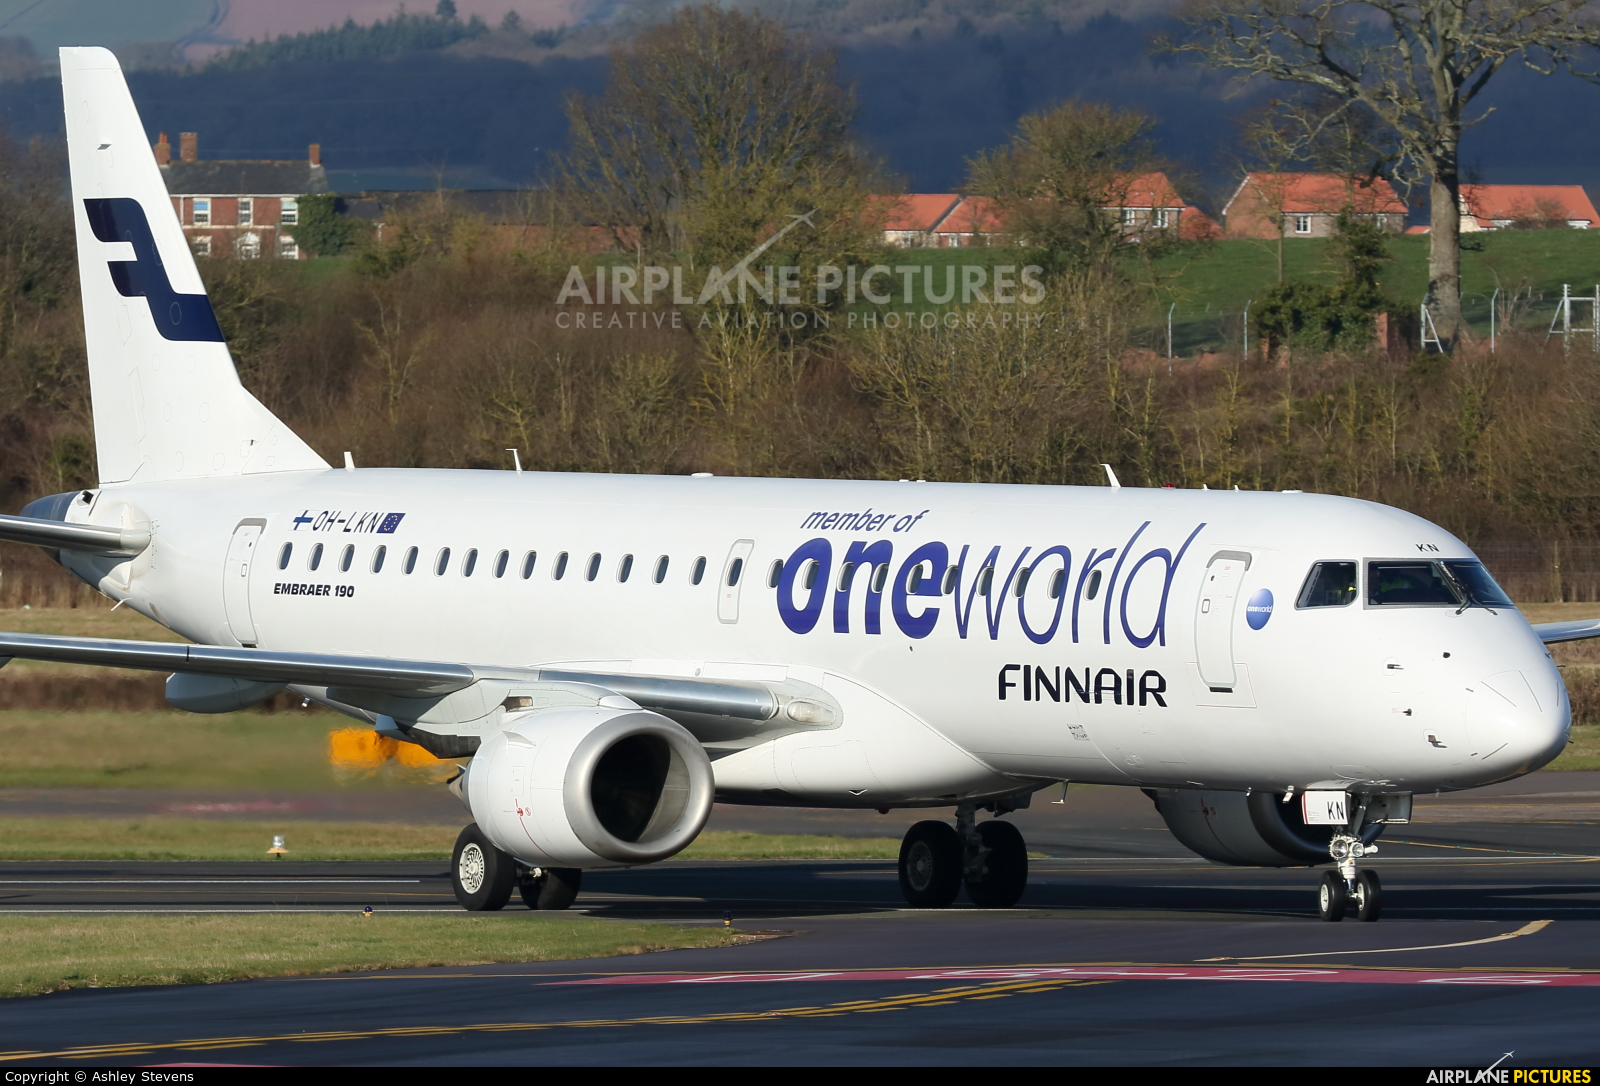 Finnair OH-LKN aircraft at Exeter